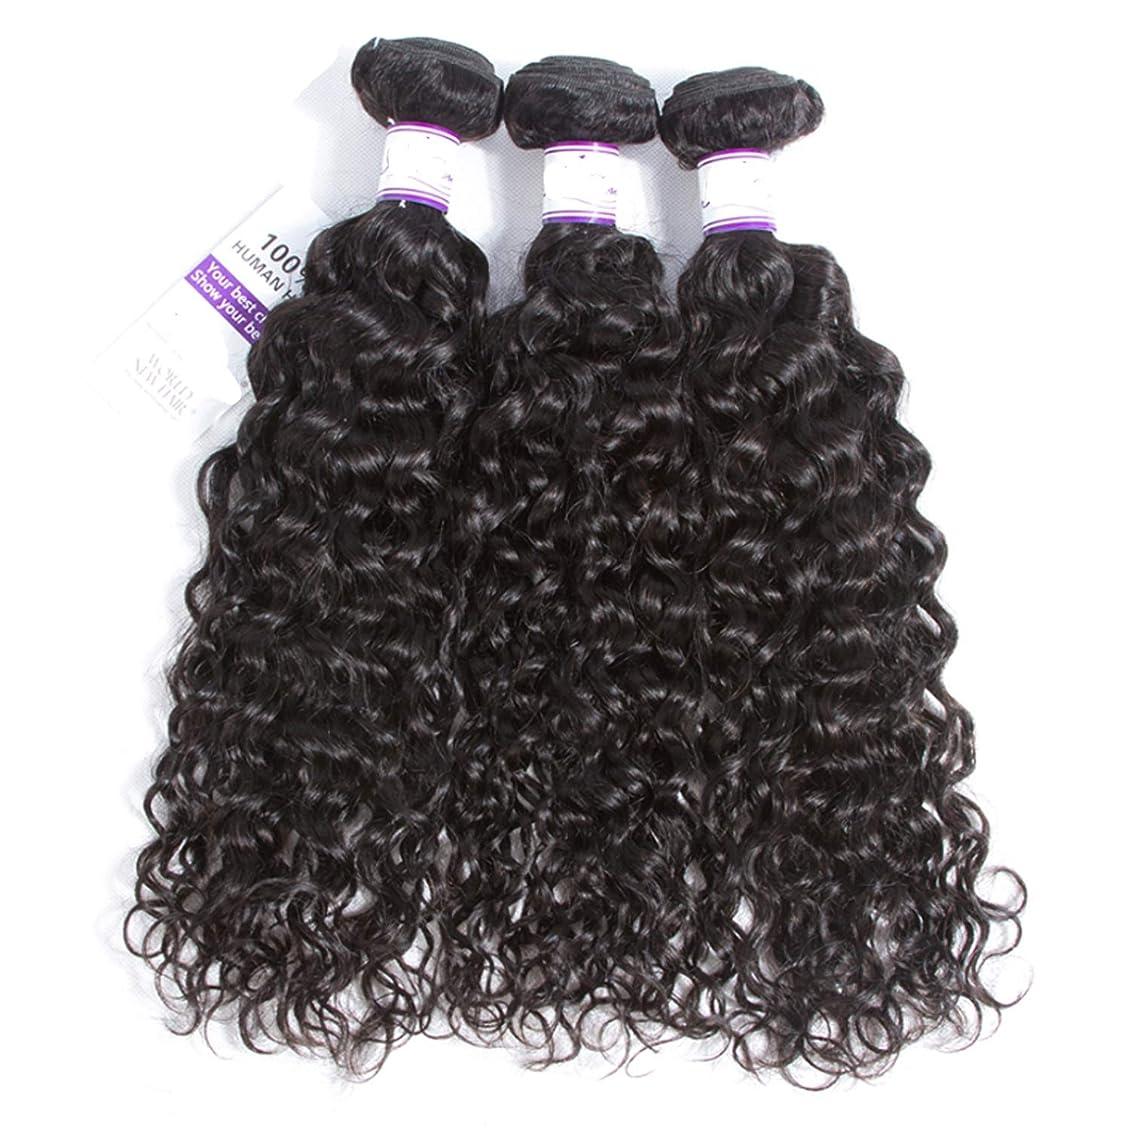 短命トランク世界的にマレーシアの水の波の髪3個ナチュラルブラック人間の髪の毛の束非レミーの毛延長8-28インチ かつら (Length : 20 20 20)